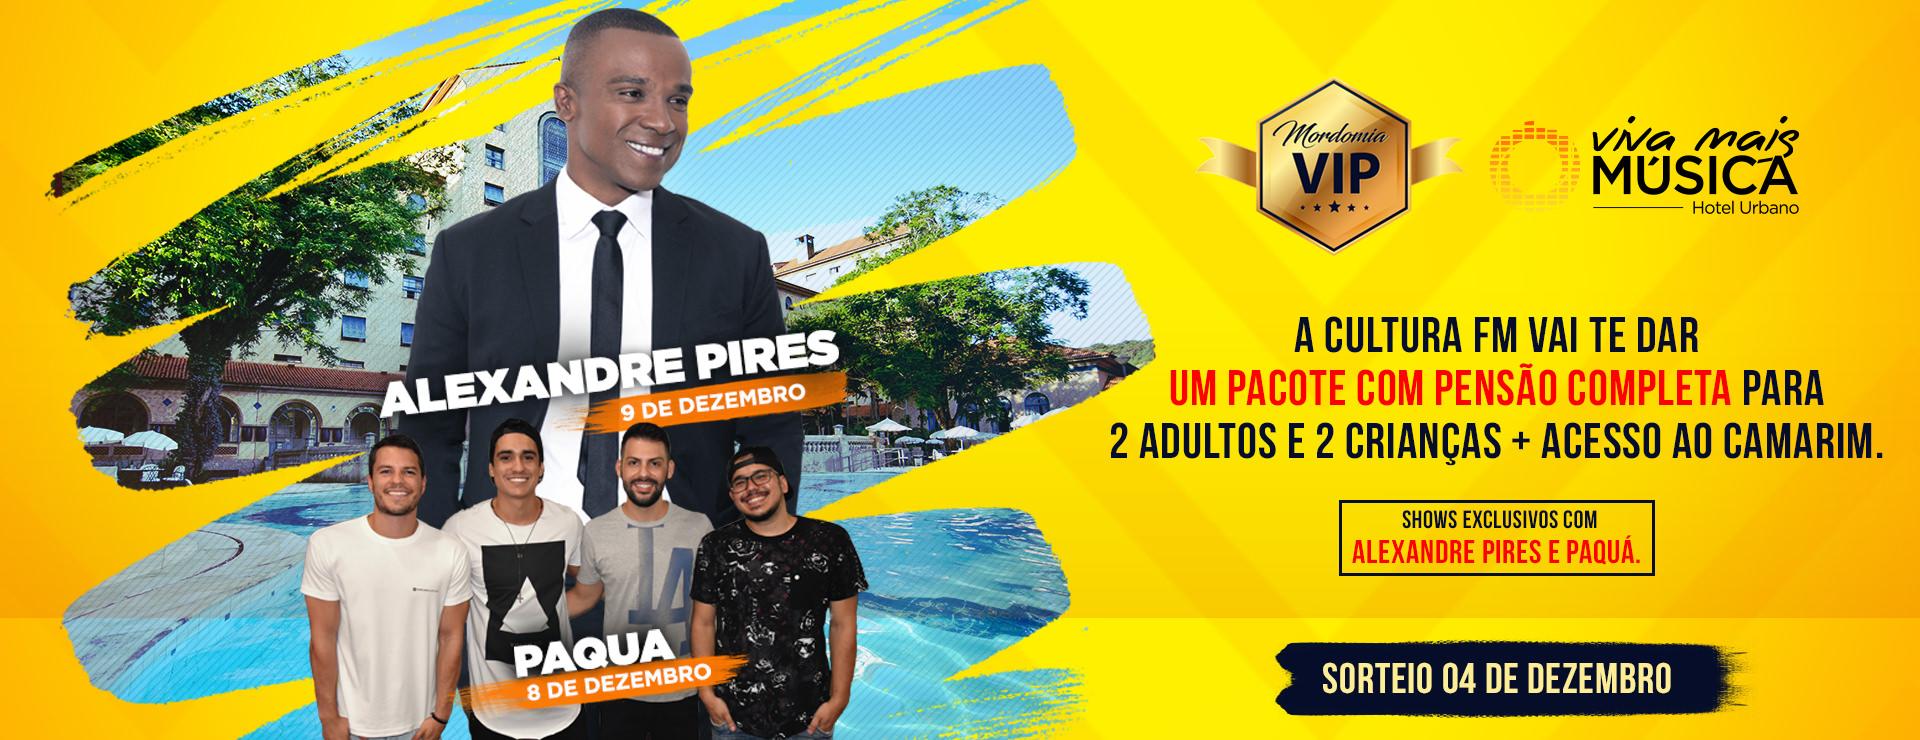 Promoção Mordomia VIP Cultura FM e Viva Mais Música.